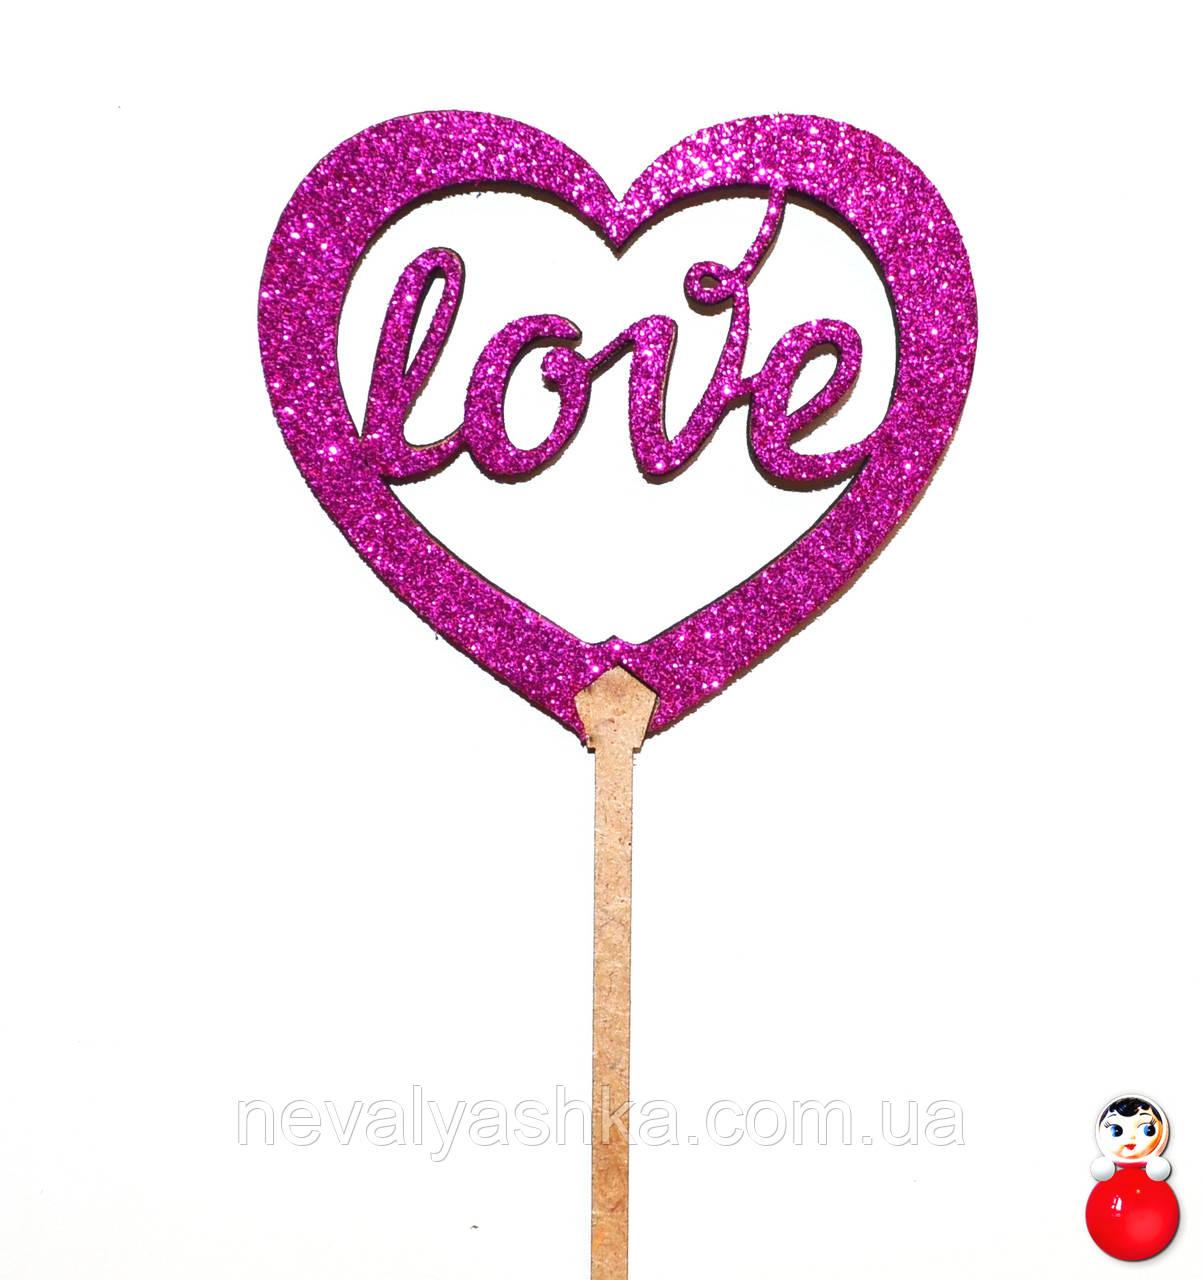 ТОППЕР Деревянный СЕРДЦЕ LOVE Любовь Люблю с Глиттером Блестящий ФИОЛЕТОВЫЙ Топперы для Торта Топер дерев'яний